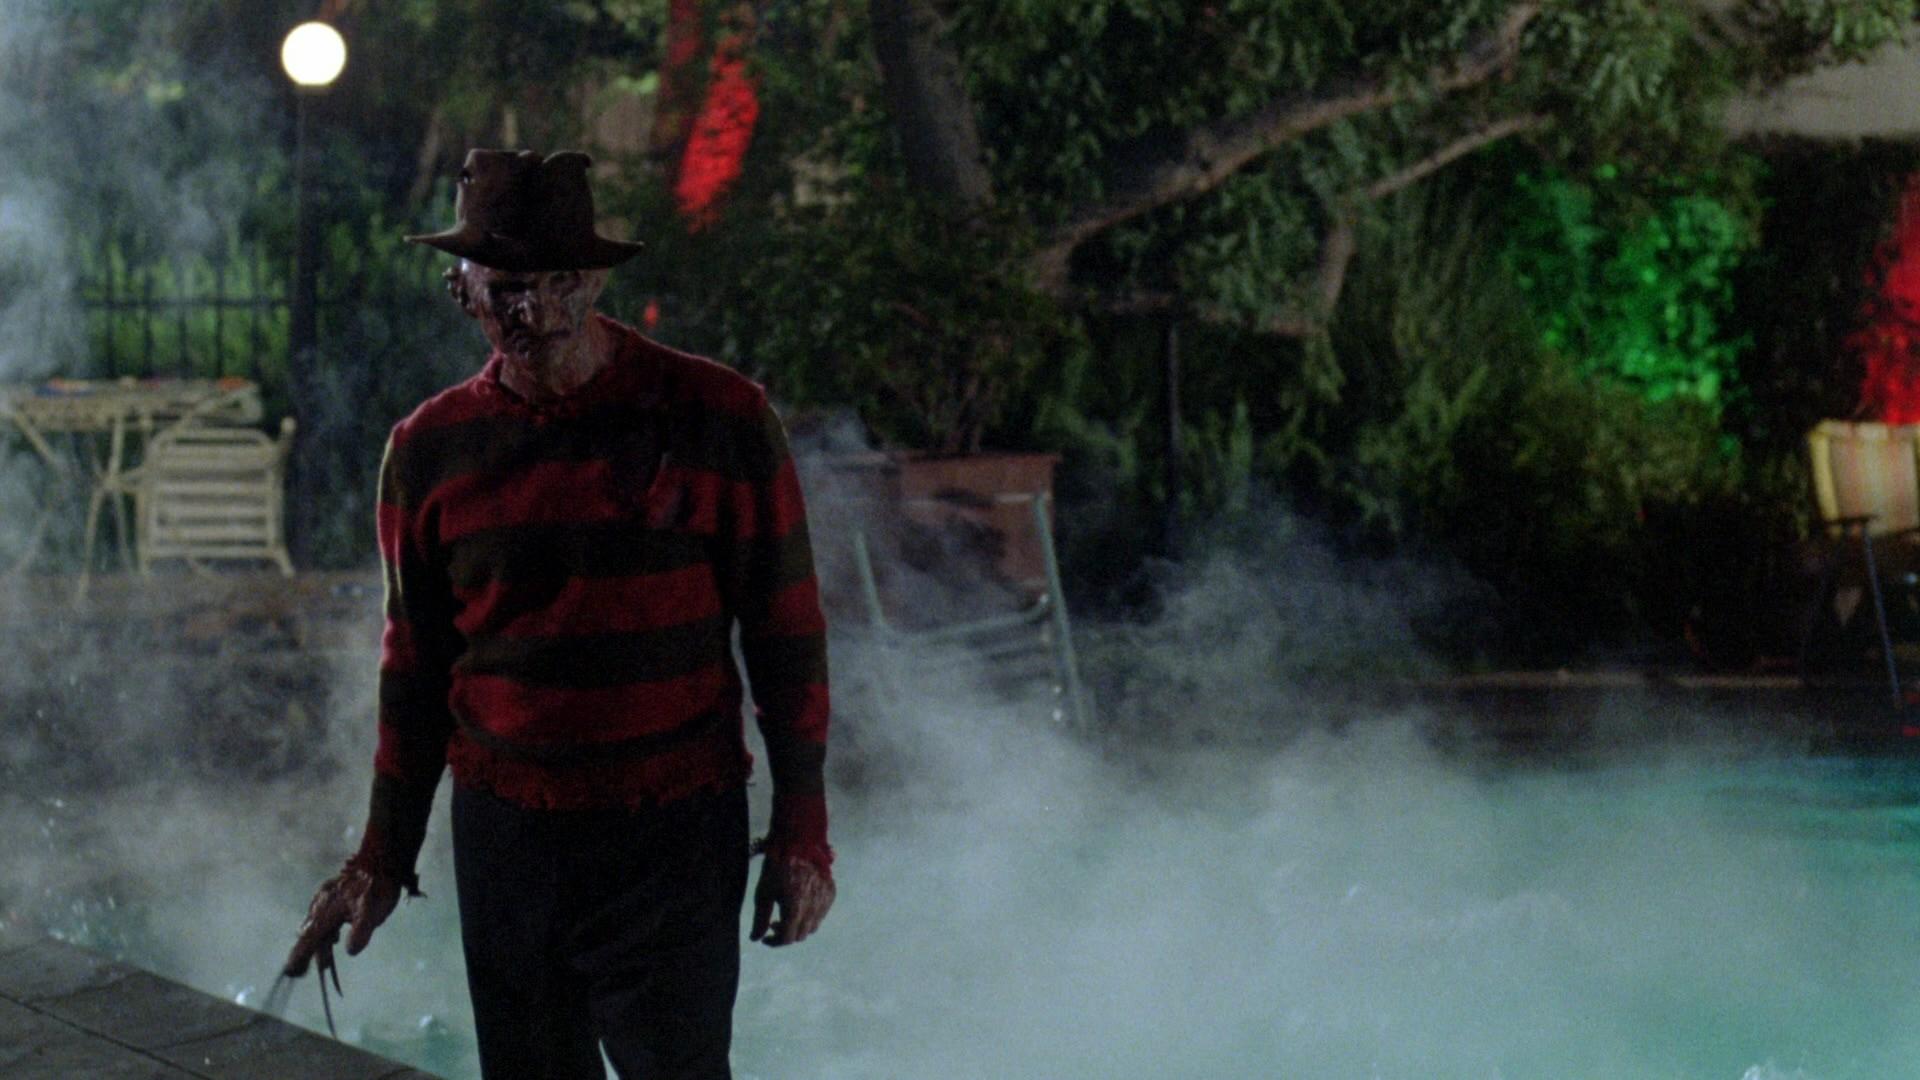 Freddy Krueger Wallpaper 2018 (80+ images)